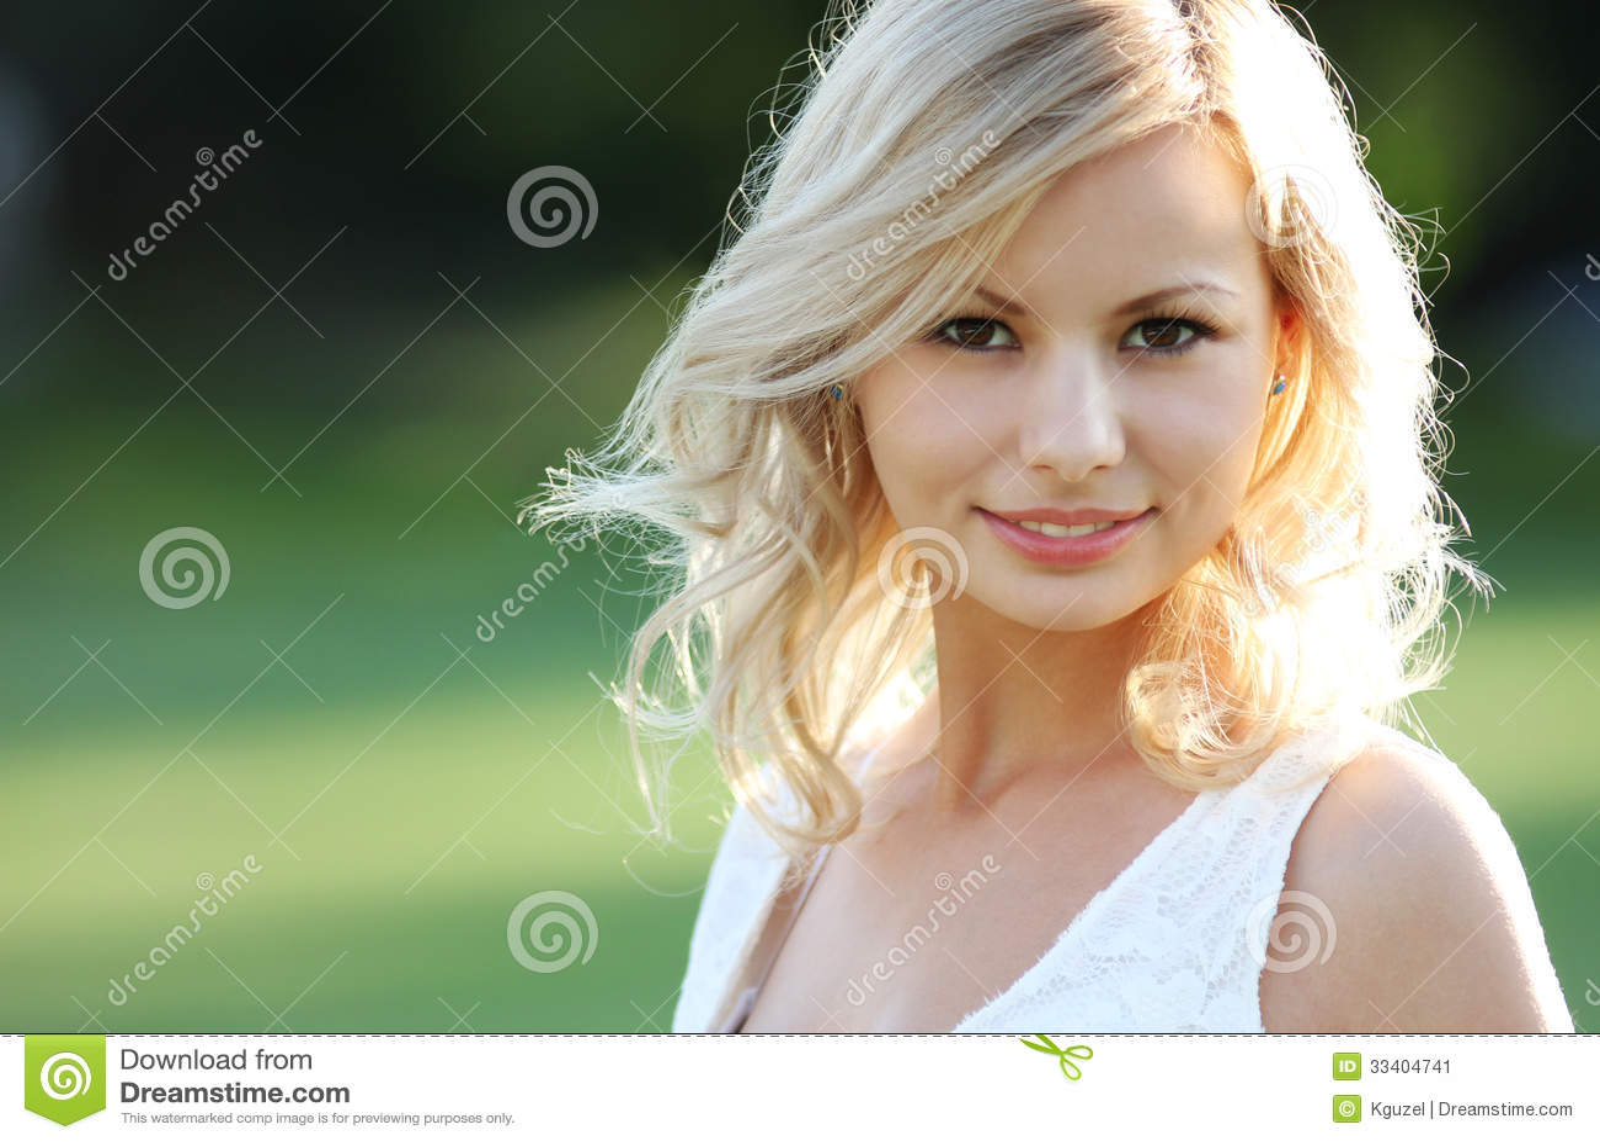 微笑的白肤金发的女孩。愉快的快乐的美丽的少妇画象,户外。